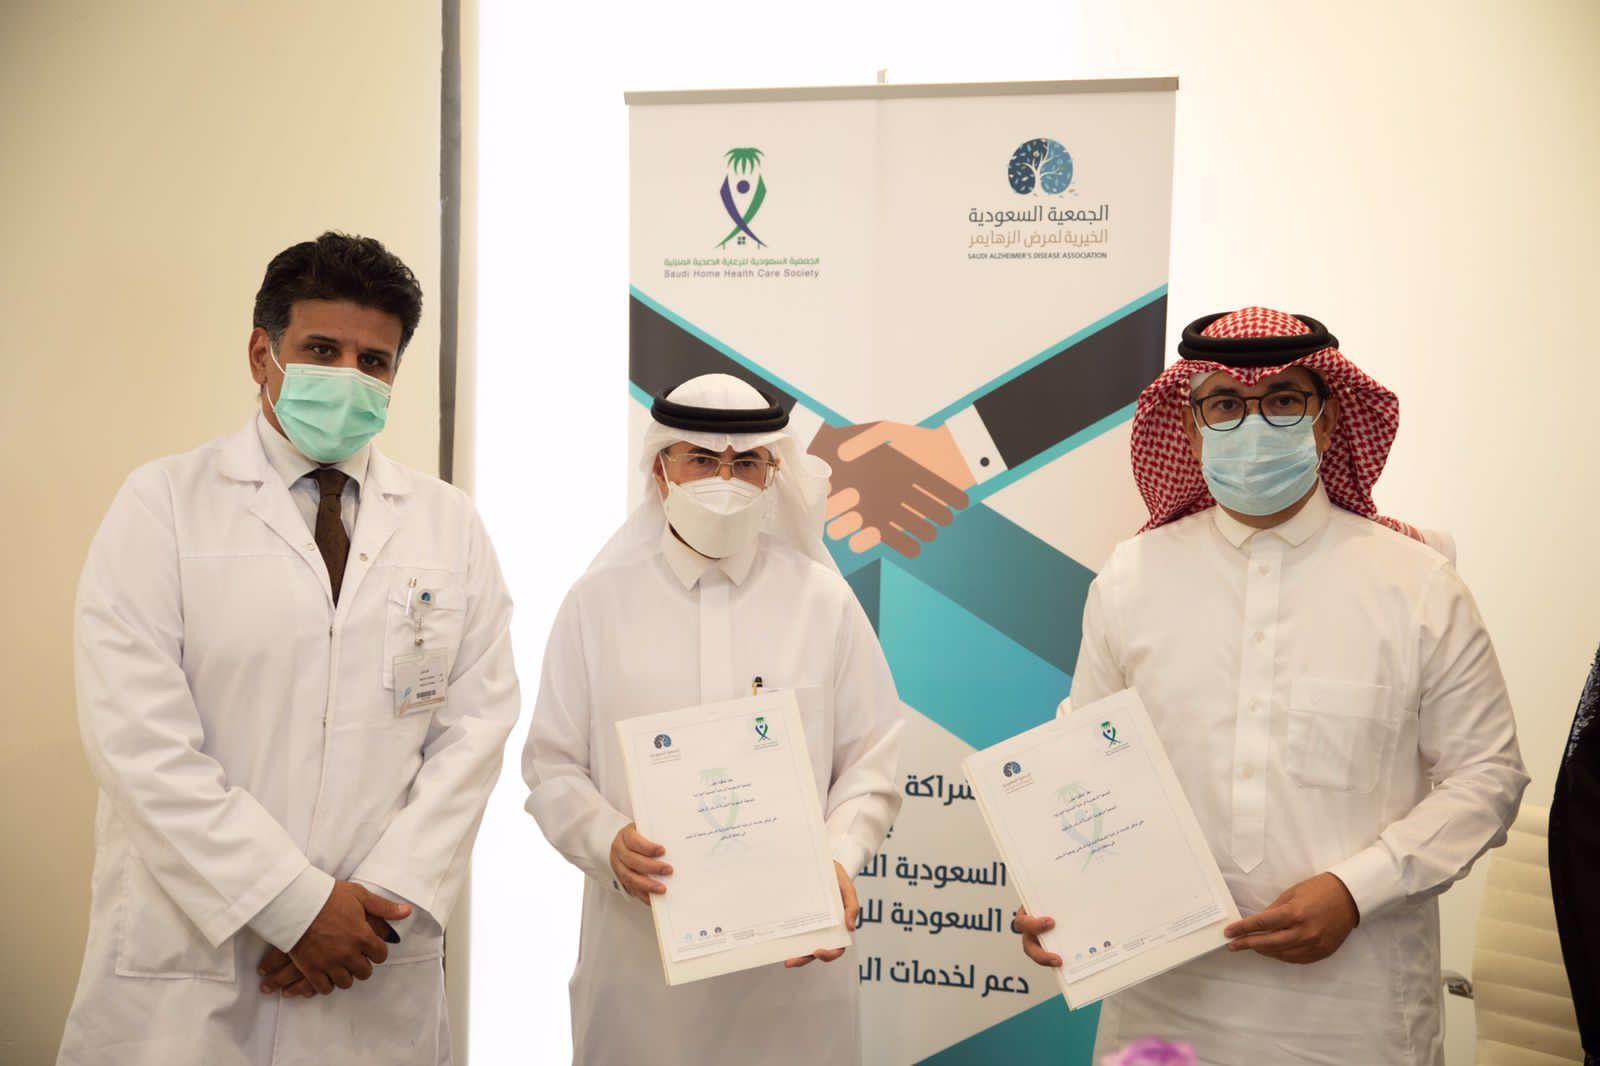 جمعية الزهايمر توقع اتفاقية مع الجمعية السعودية للرعاية الصحية المنزلية